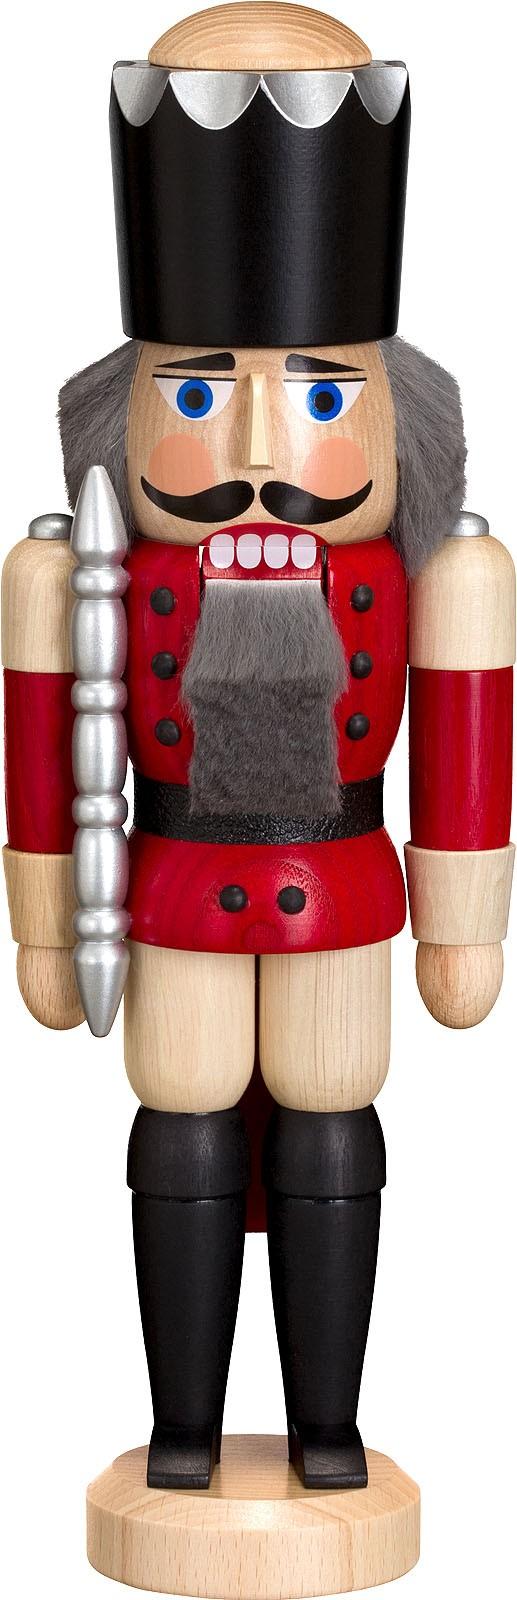 Nussknacker König, Esche lasiert, rot, 29 cm